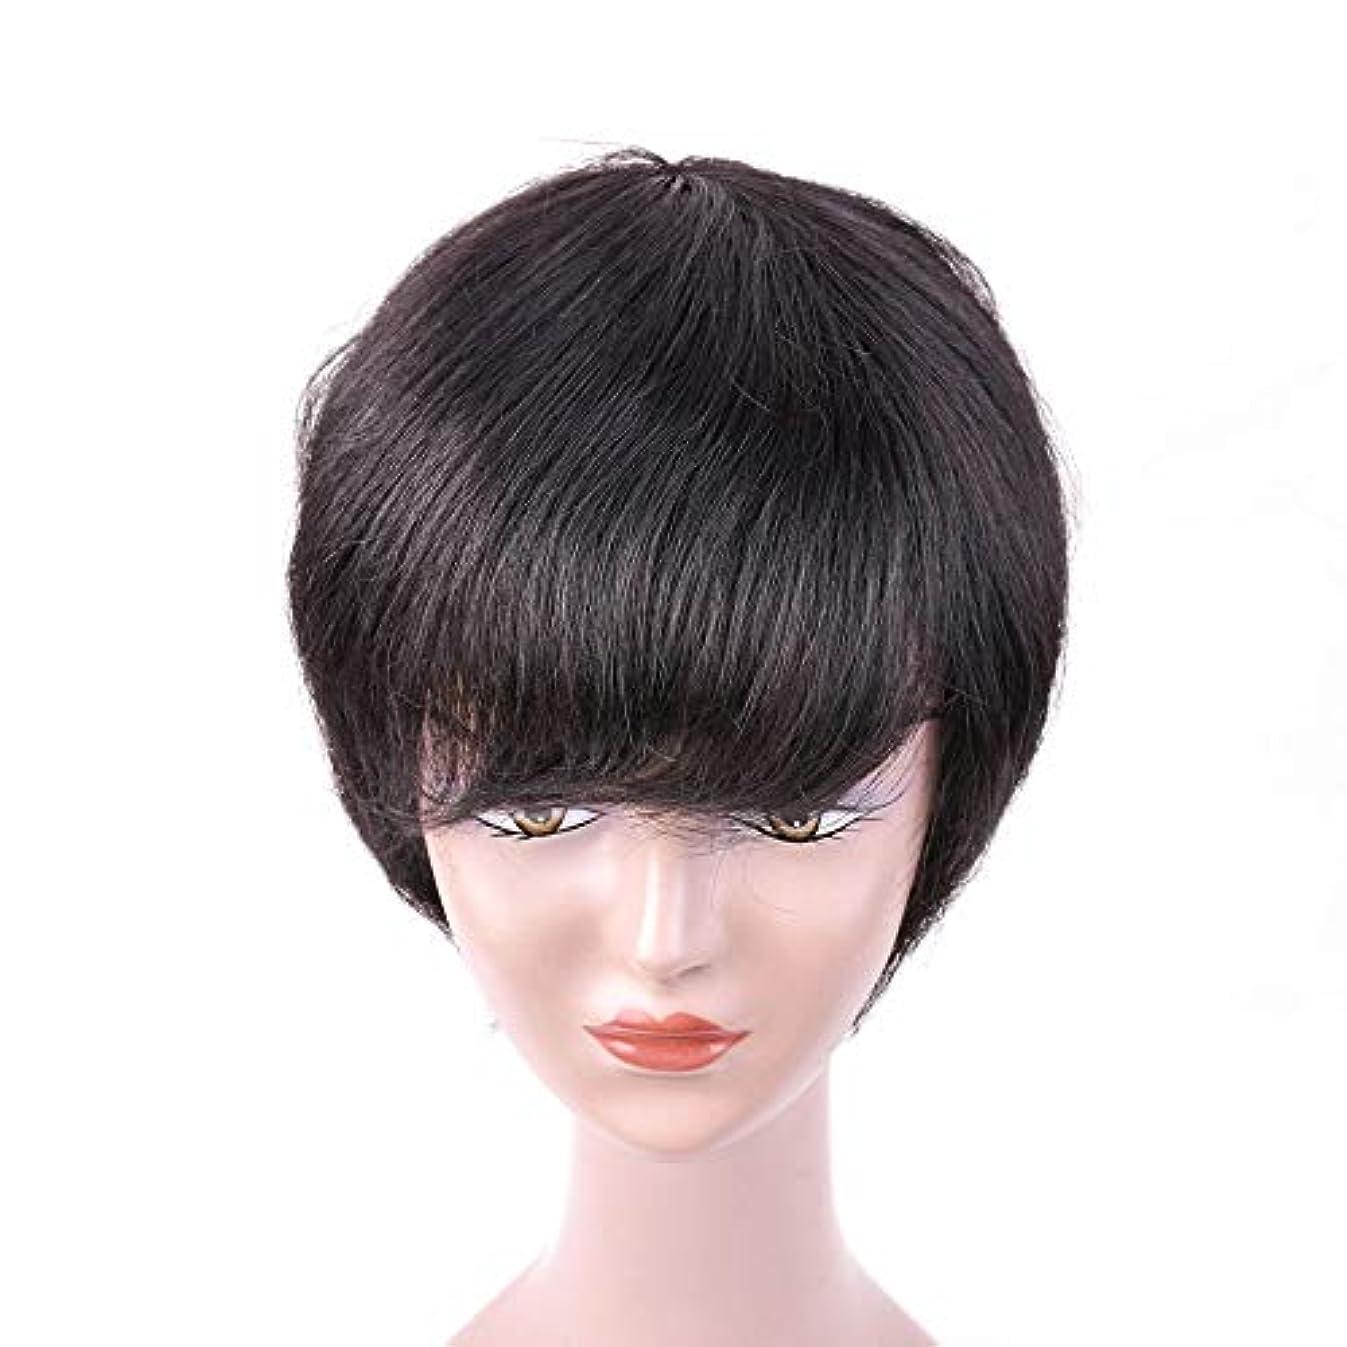 振り向く安全な談話YOUQIU 黒人女性ウィッグ100%人毛ショートわずかカーリーウィッグ黒ショートヘアウィッグ (色 : 黒, サイズ : 6inch)